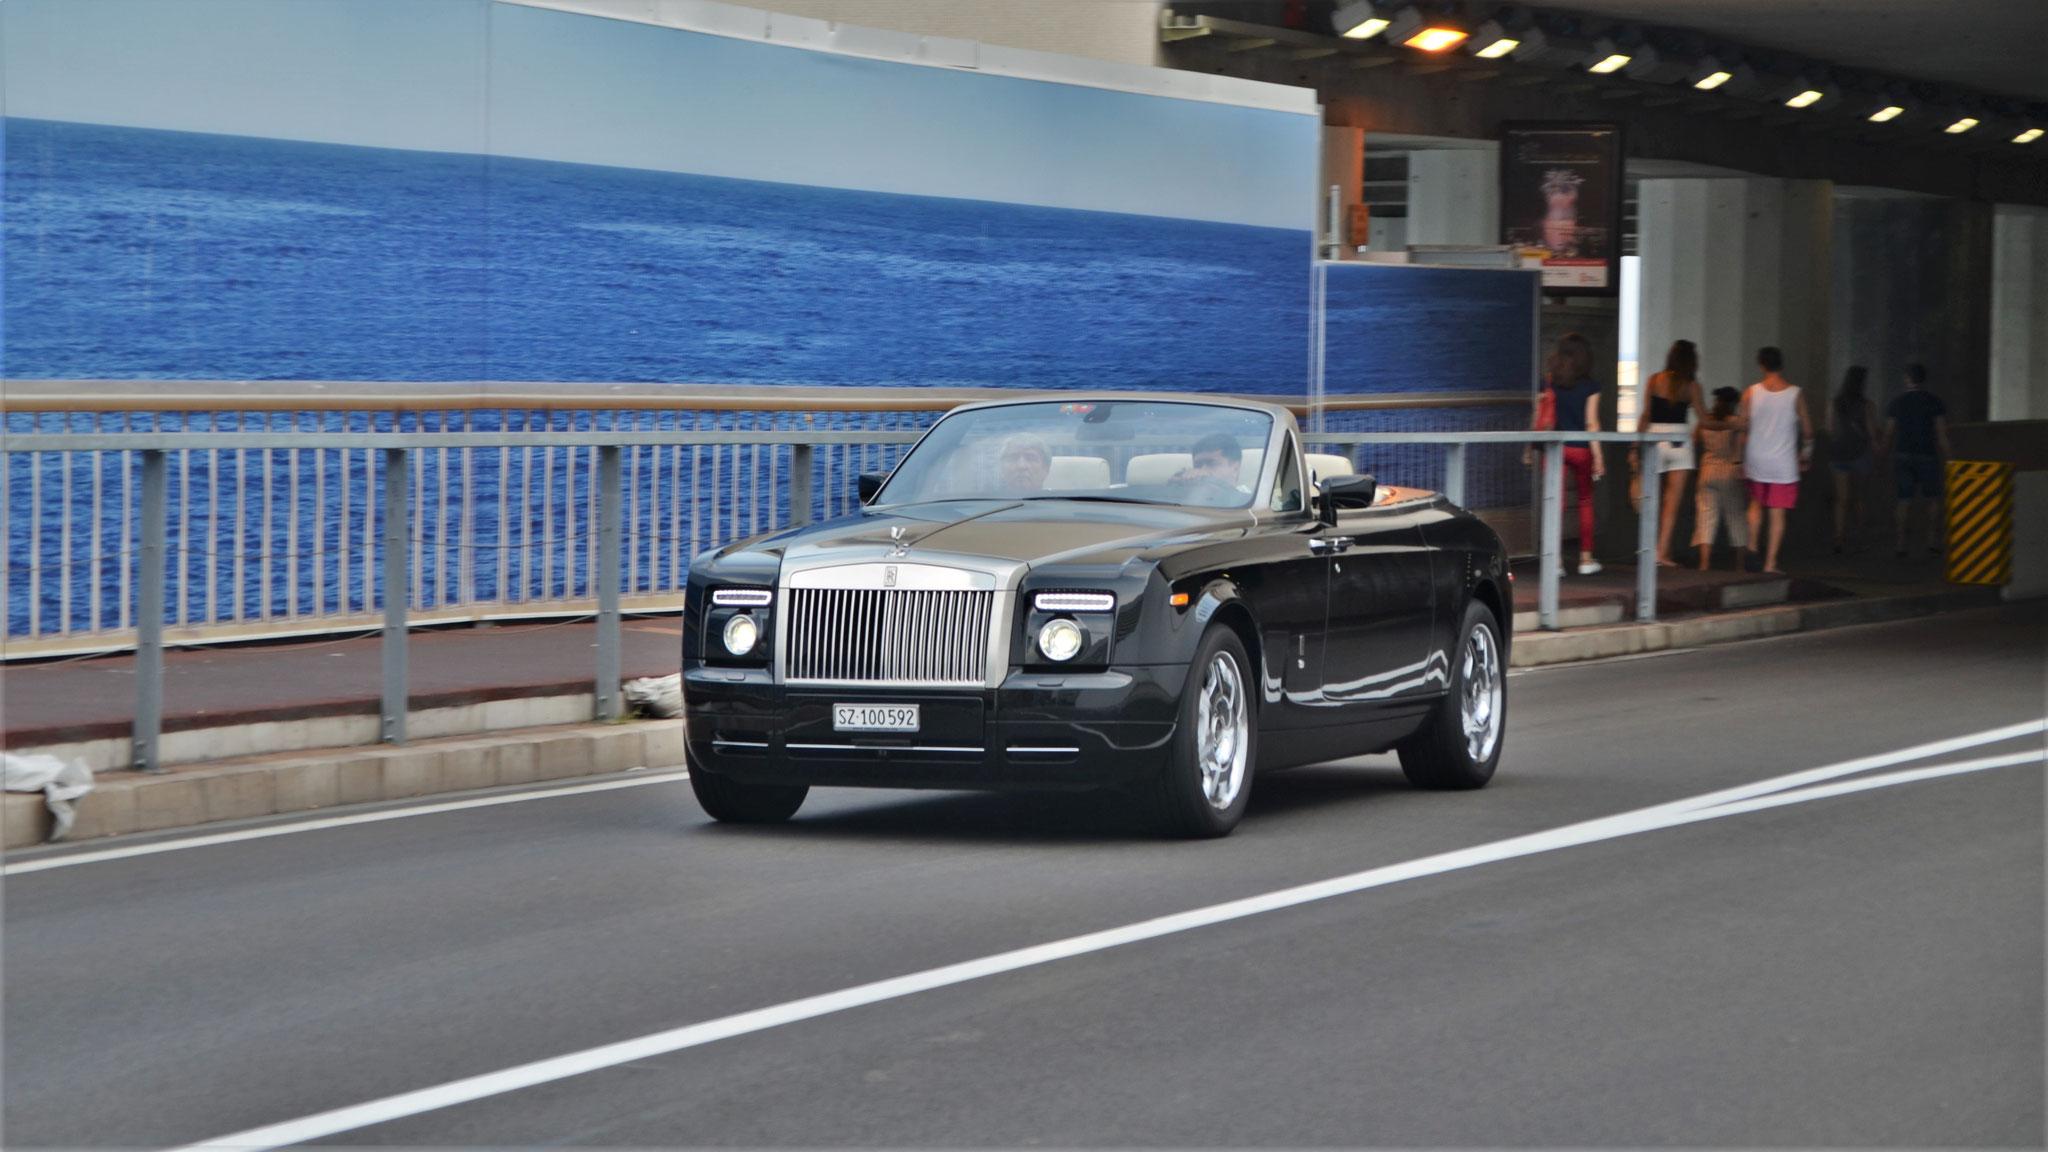 Rolls Royce Drophead - SZ-100592 (CH)